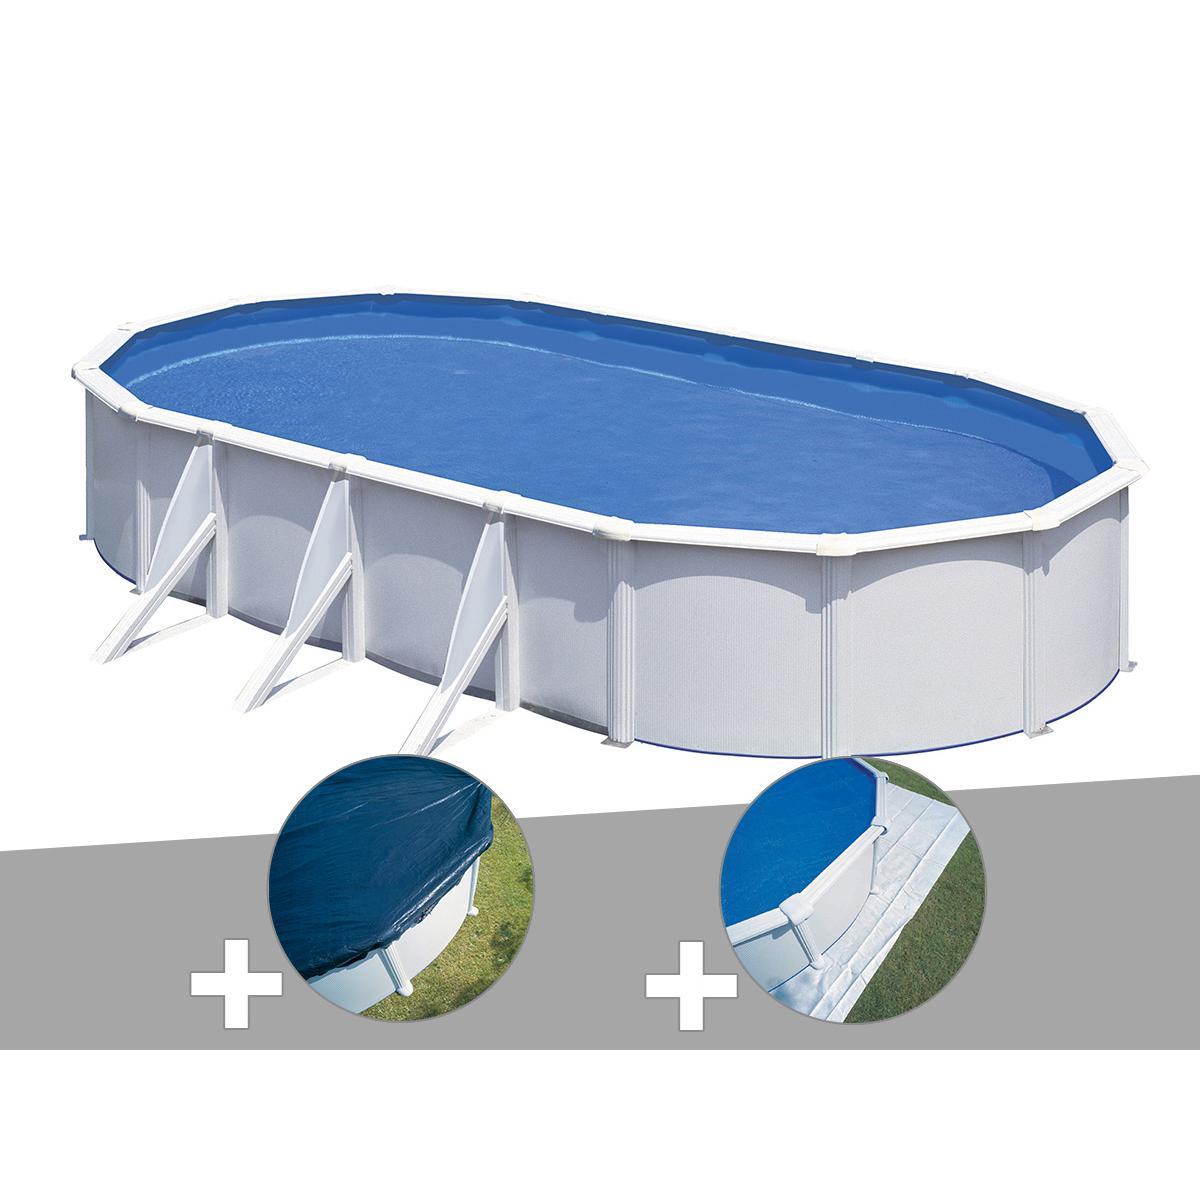 Gre Kit piscine acier blanc Gré Fidji ovale 5,27 x 3,27 x 1,22 m + Bâche hiver + Tapis de sol